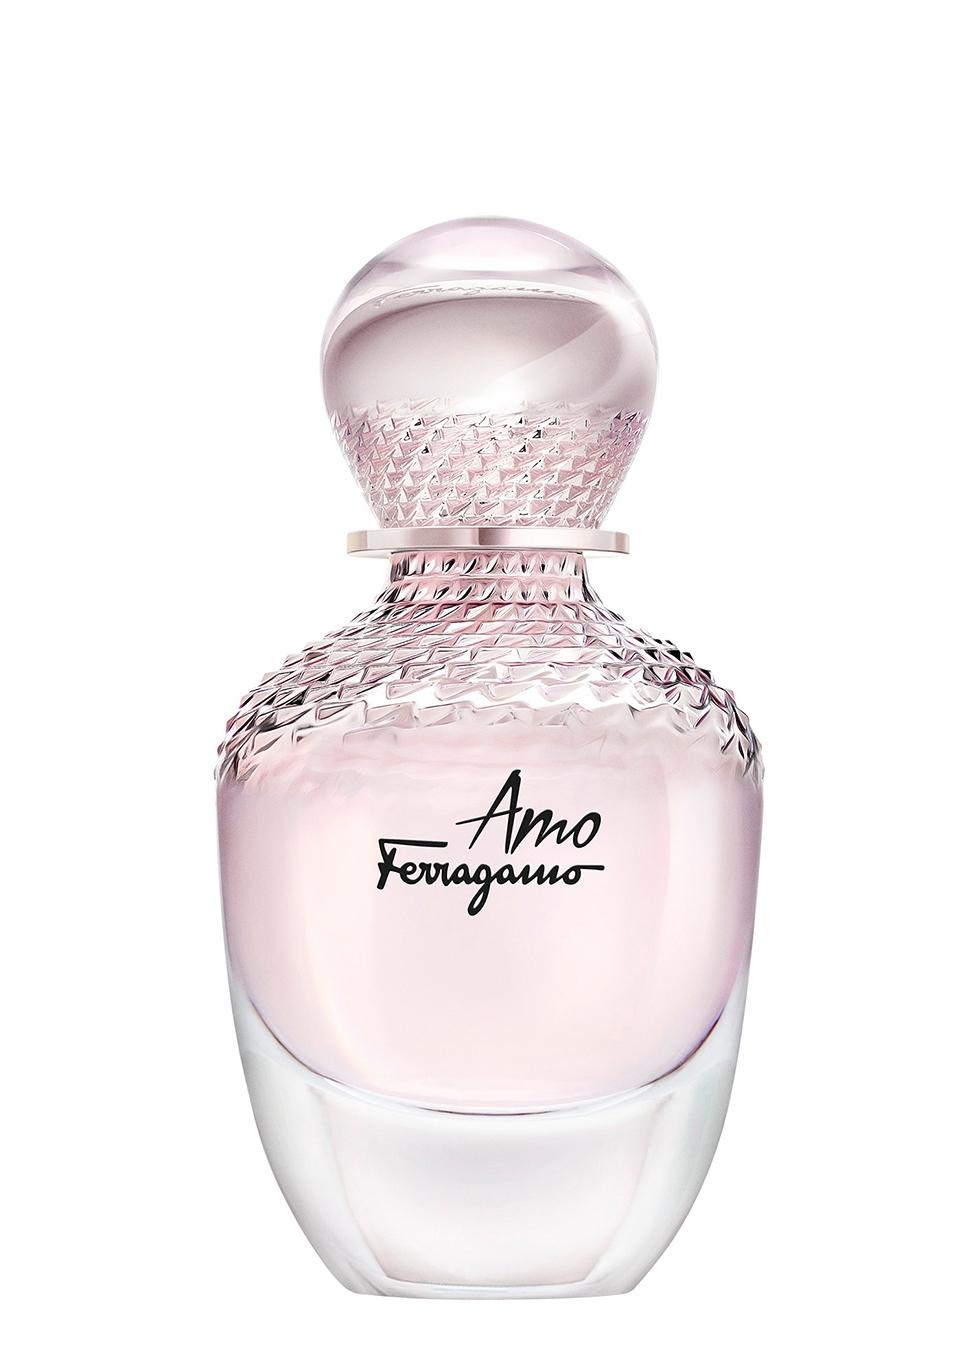 Amo Ferragamo Eau De Parfum 50ml - Salvatore Ferragamo